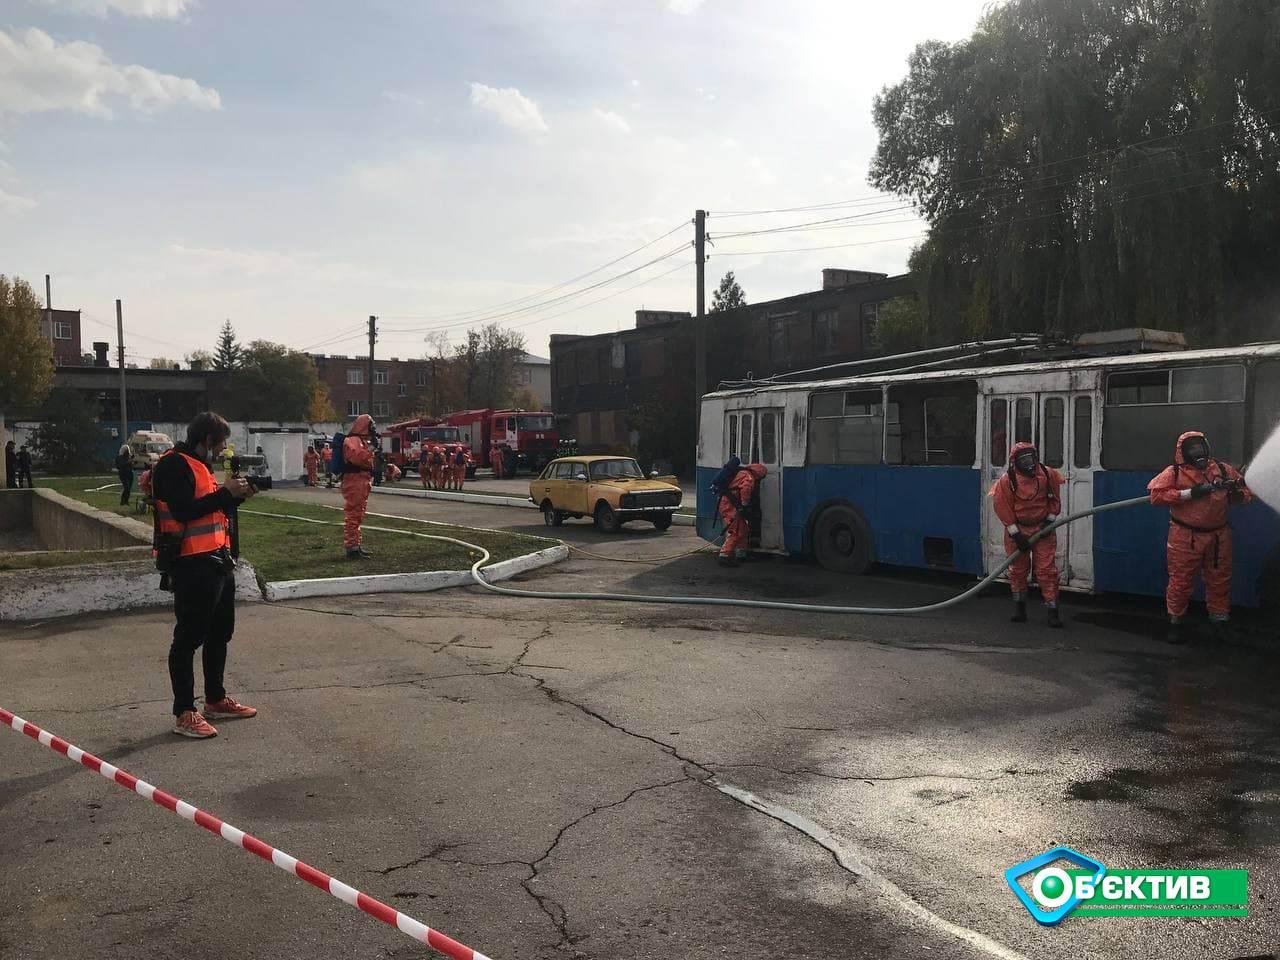 В Харькове для спасателей провели практический тренинг по ликвидации химических аварий